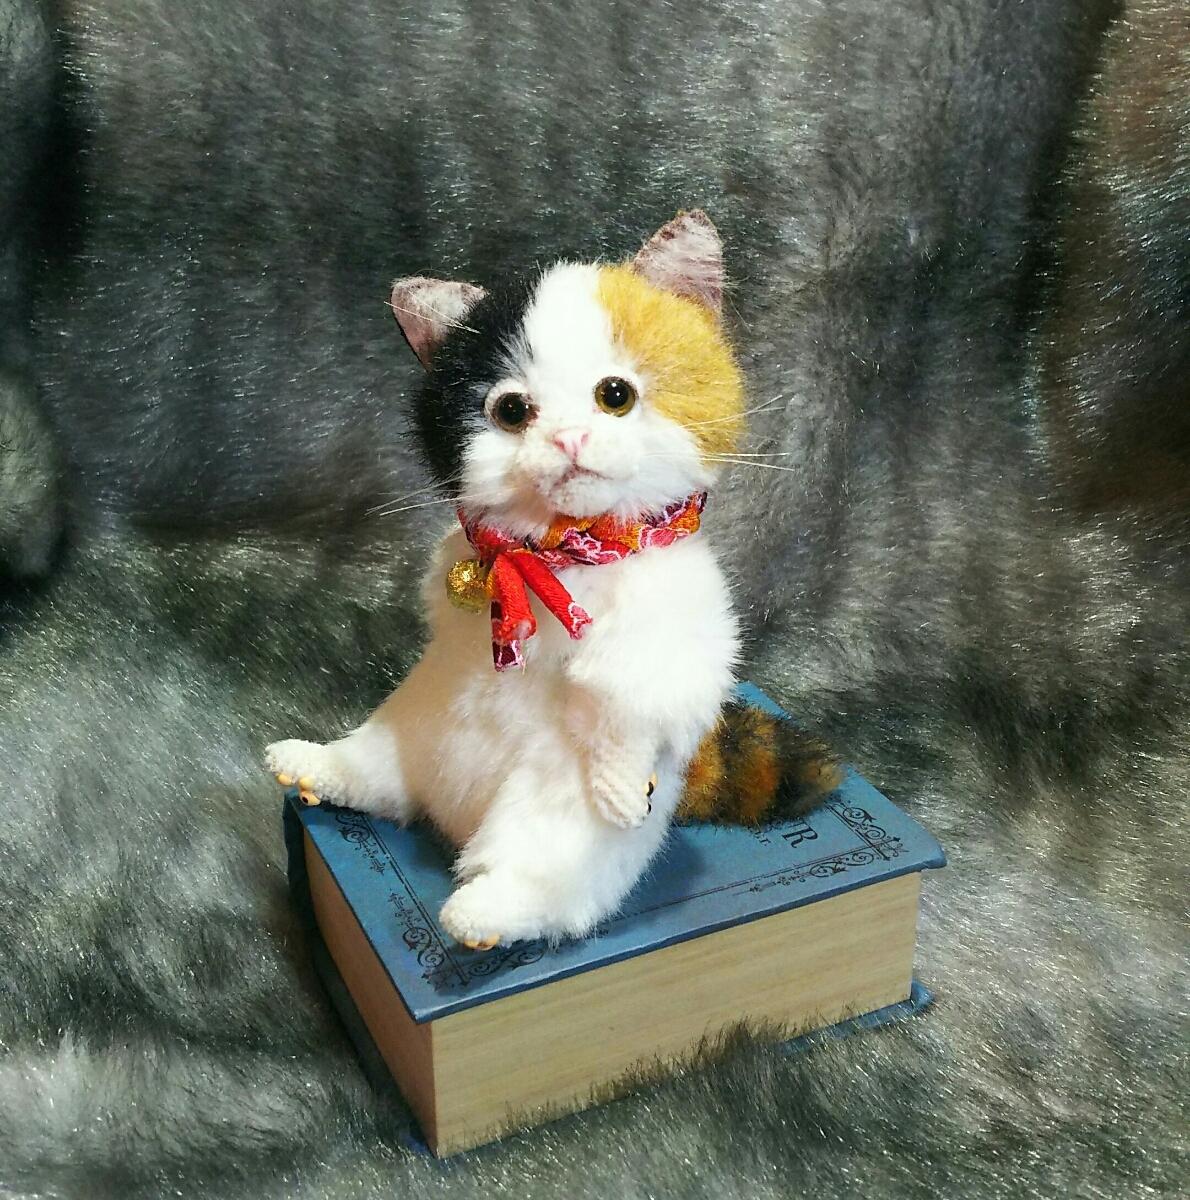 佐藤真也(自作品)チビ三毛猫仔猫、ハンドメイド、手作り、初出品_画像2